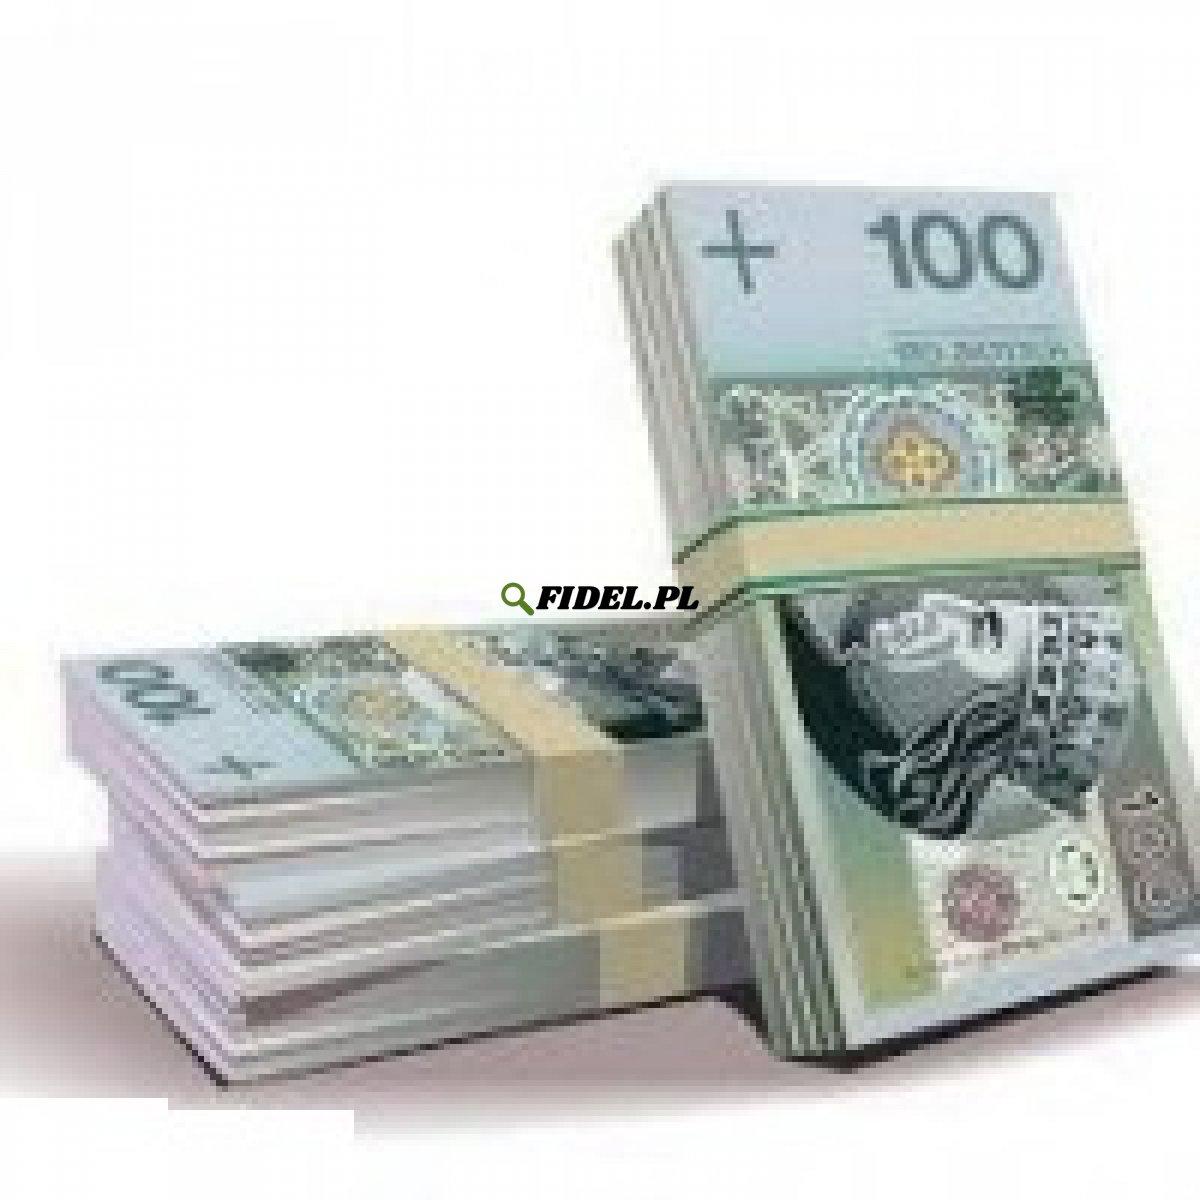 Oferta kredytowa dla tych, którzy mają problemy